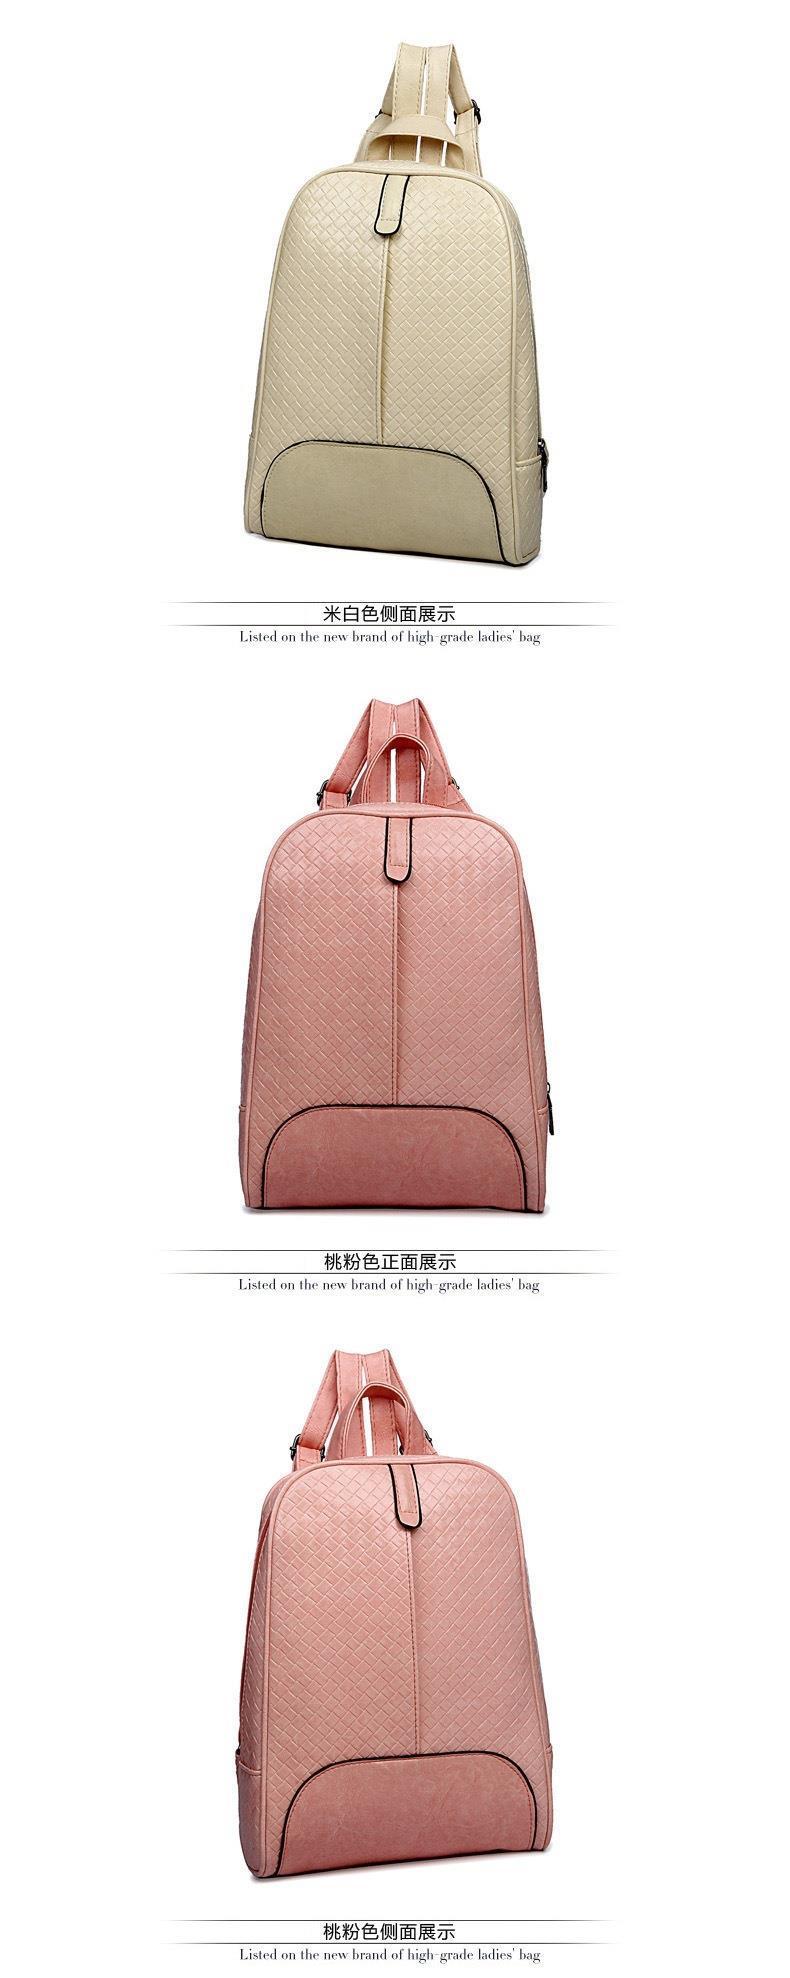 Корейская версия колледжа ветер плеча сумка женская мода многоцветный тиснением универсальный минималистский рюкзак #744